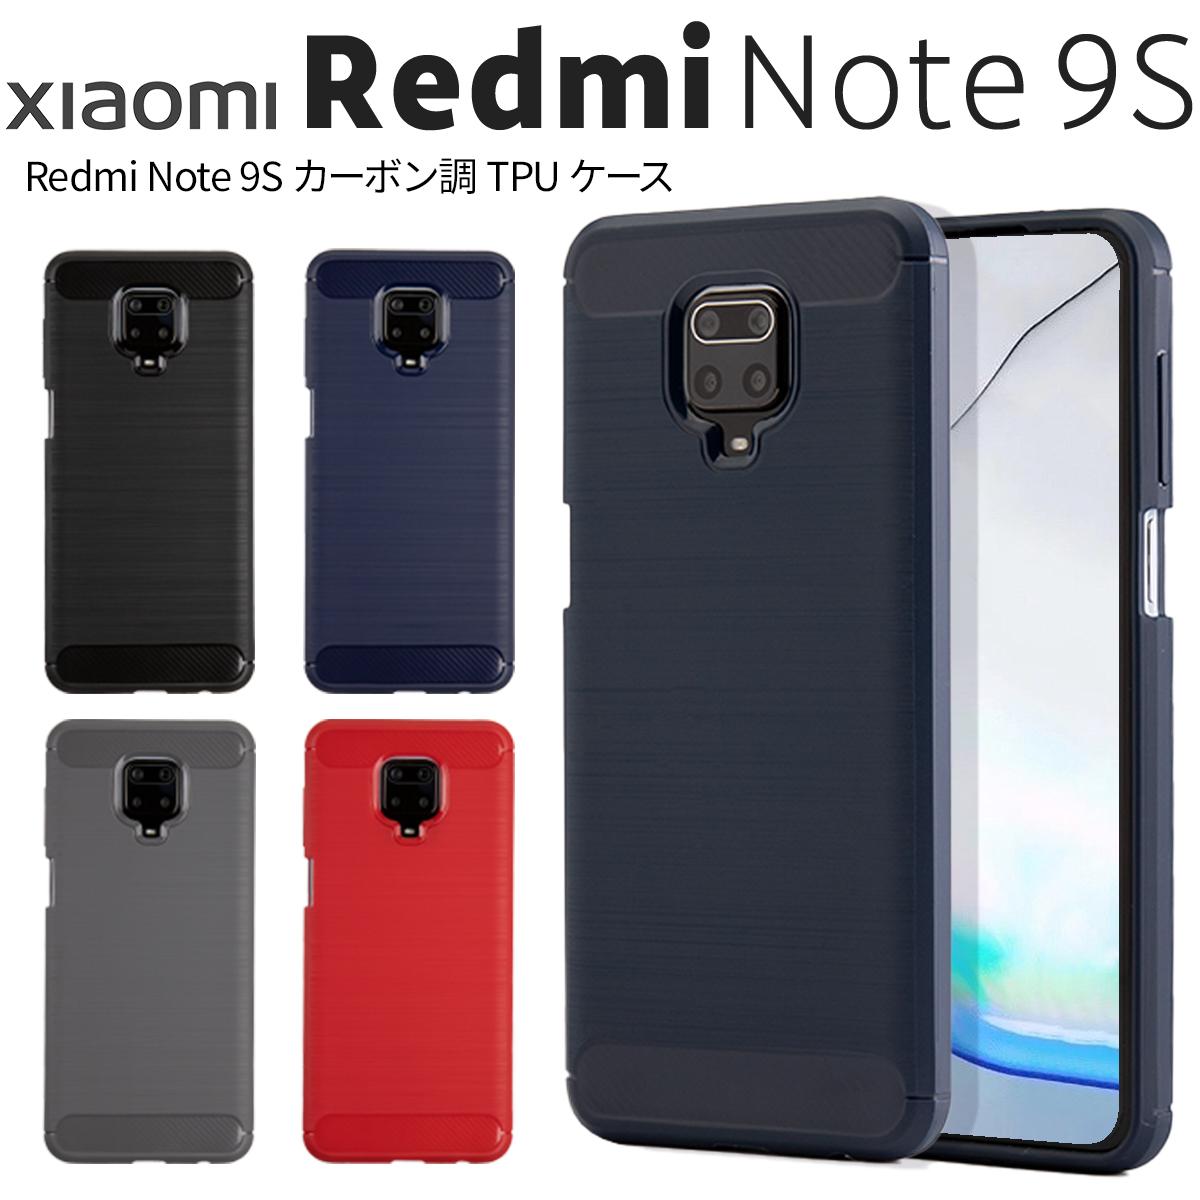 メール便送料無料 Redmi Note 9S カーボン調TPUケース スマホケース 供え 韓国 スマホ ケース カバー Xiaomi かっこいい 耐久 シンプル スタイリッシュ 耐衝撃 シャオミ アンドロイド 背面カバー スマホカバー 販売実績No.1 丈夫